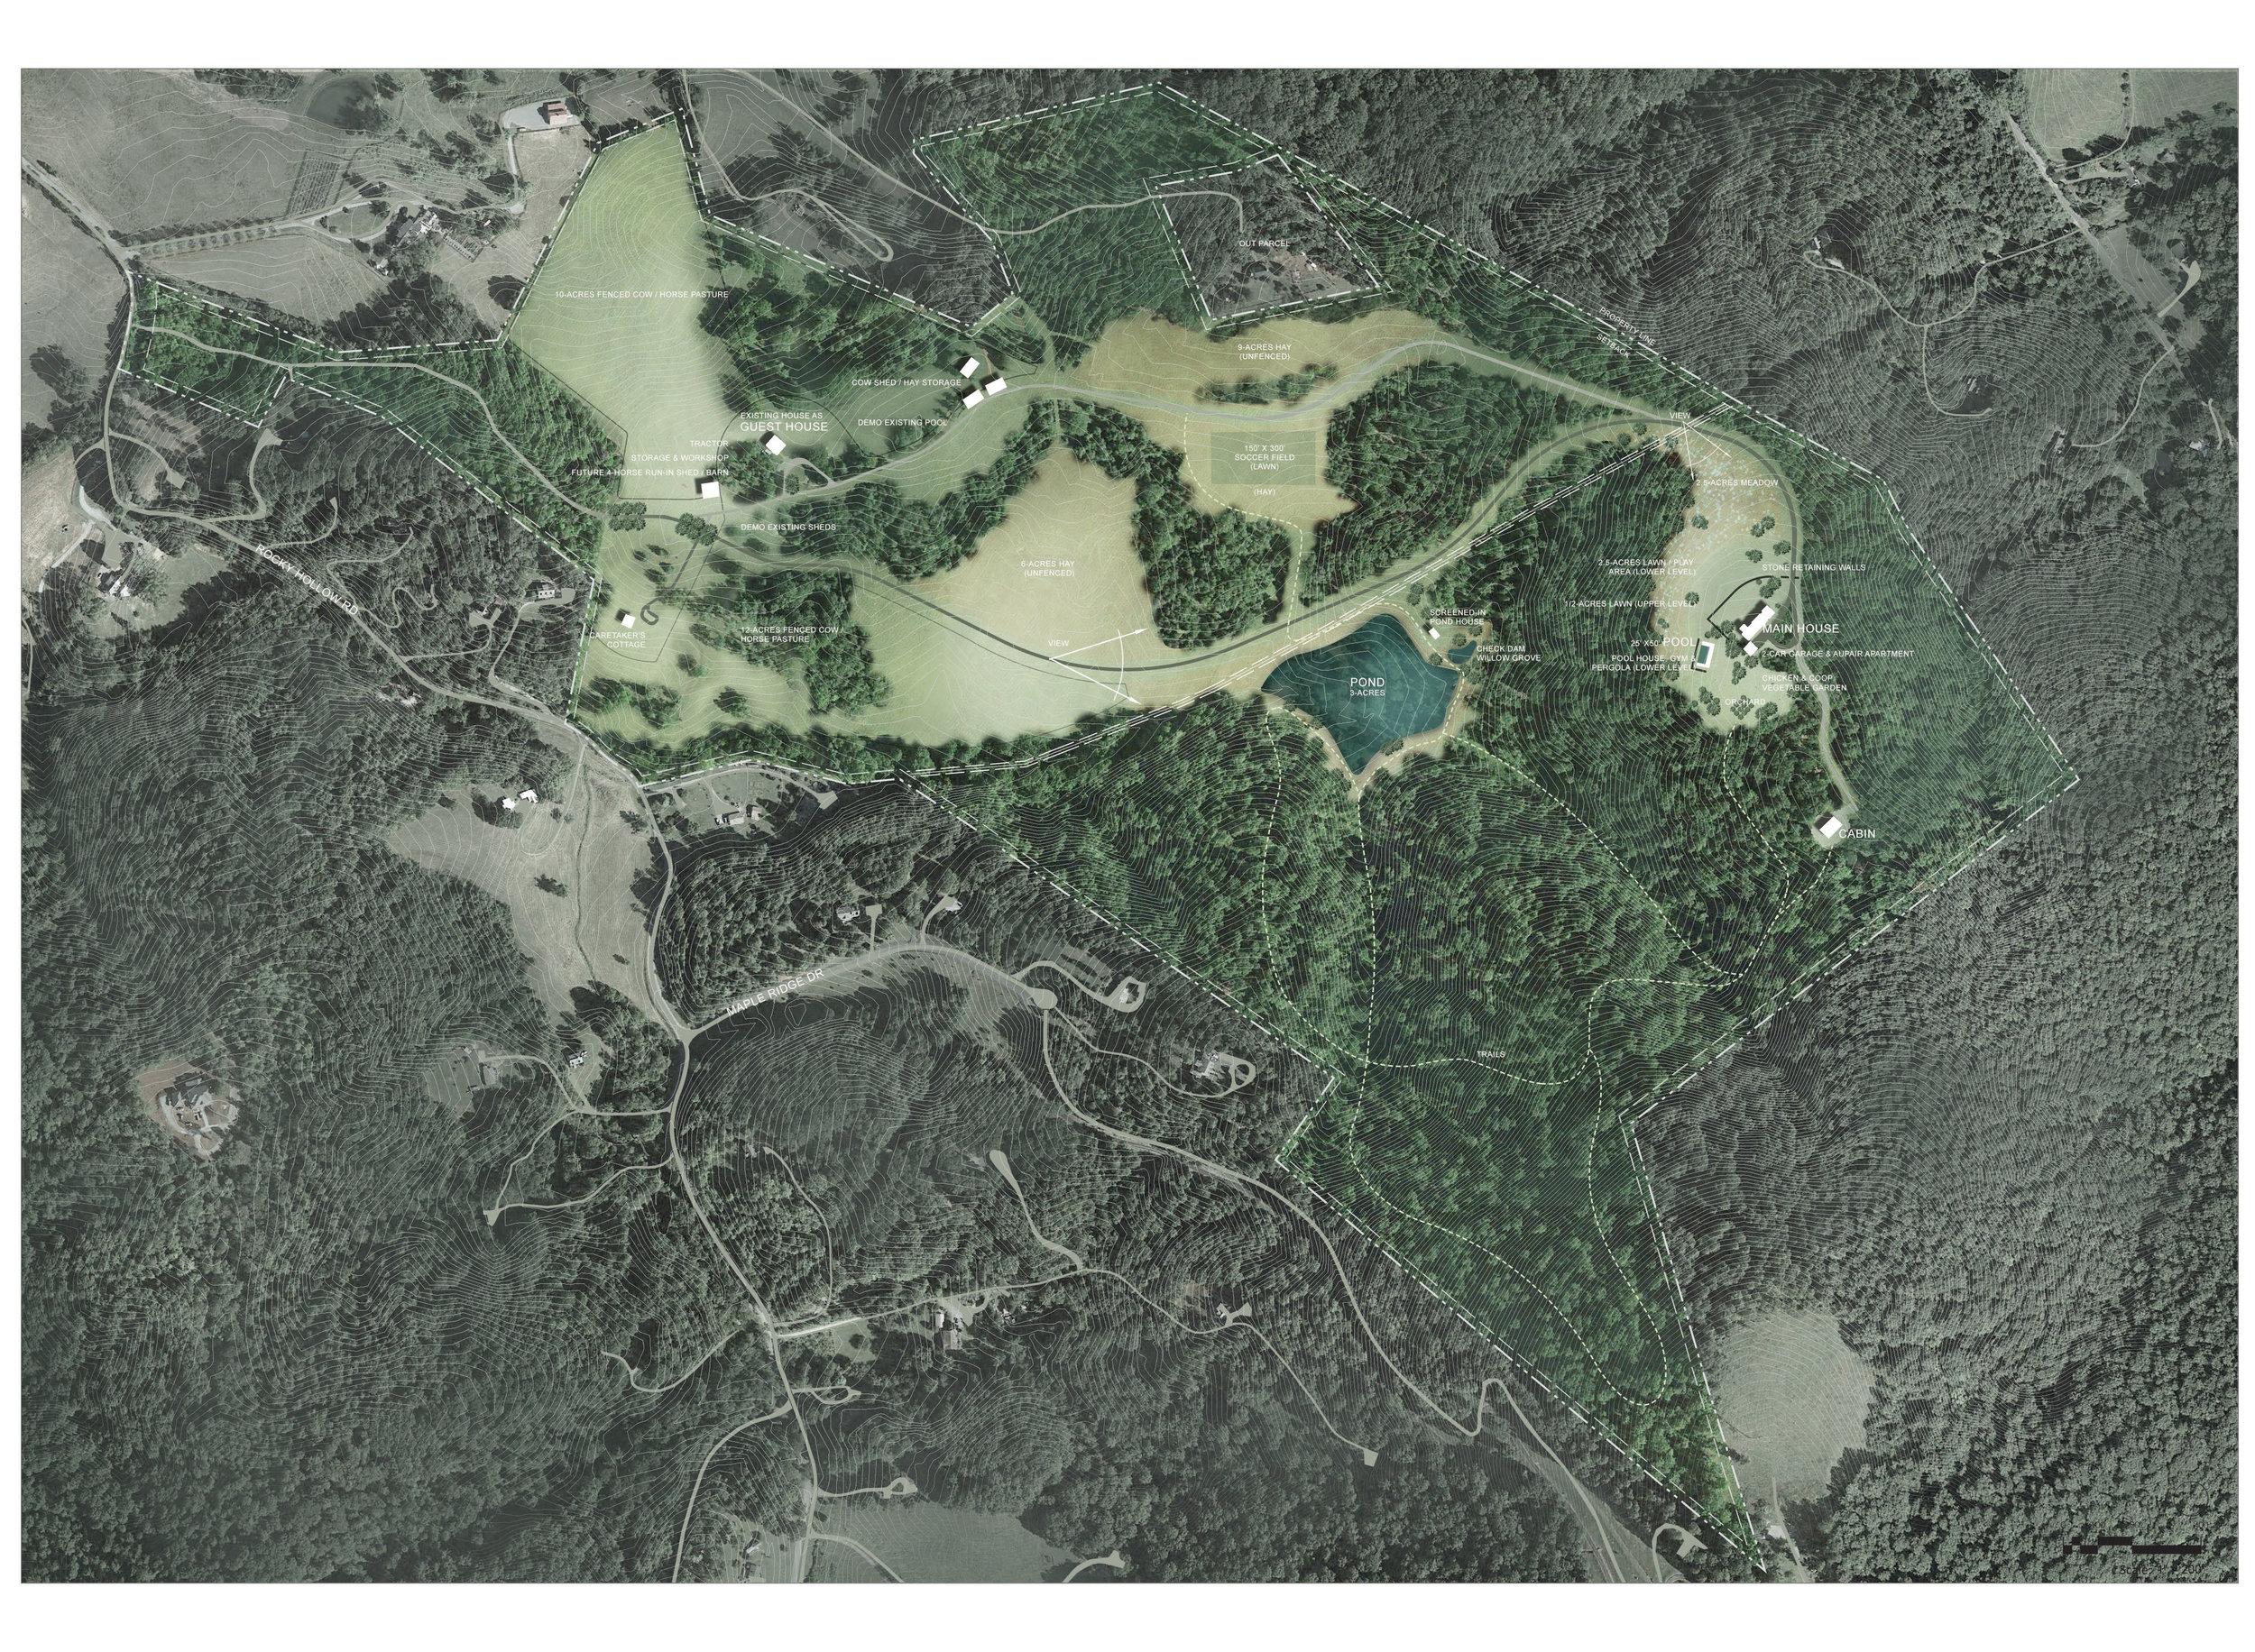 master_plan_Foothill_landscape_Grounded_Charlottesville.jpg